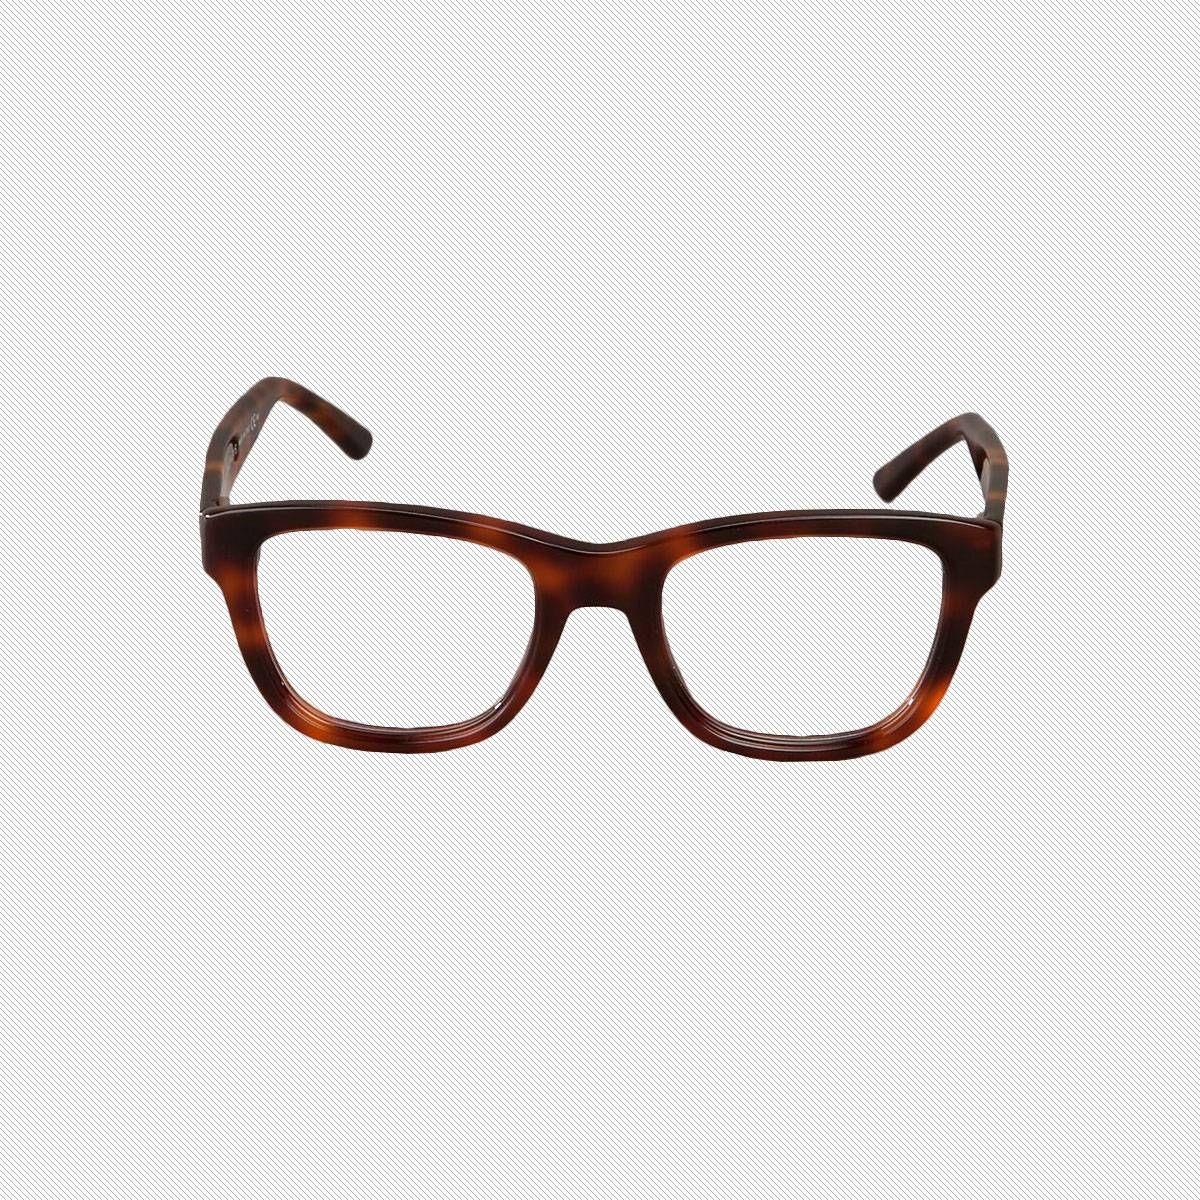 c1e626e736 Balenciaga glasses